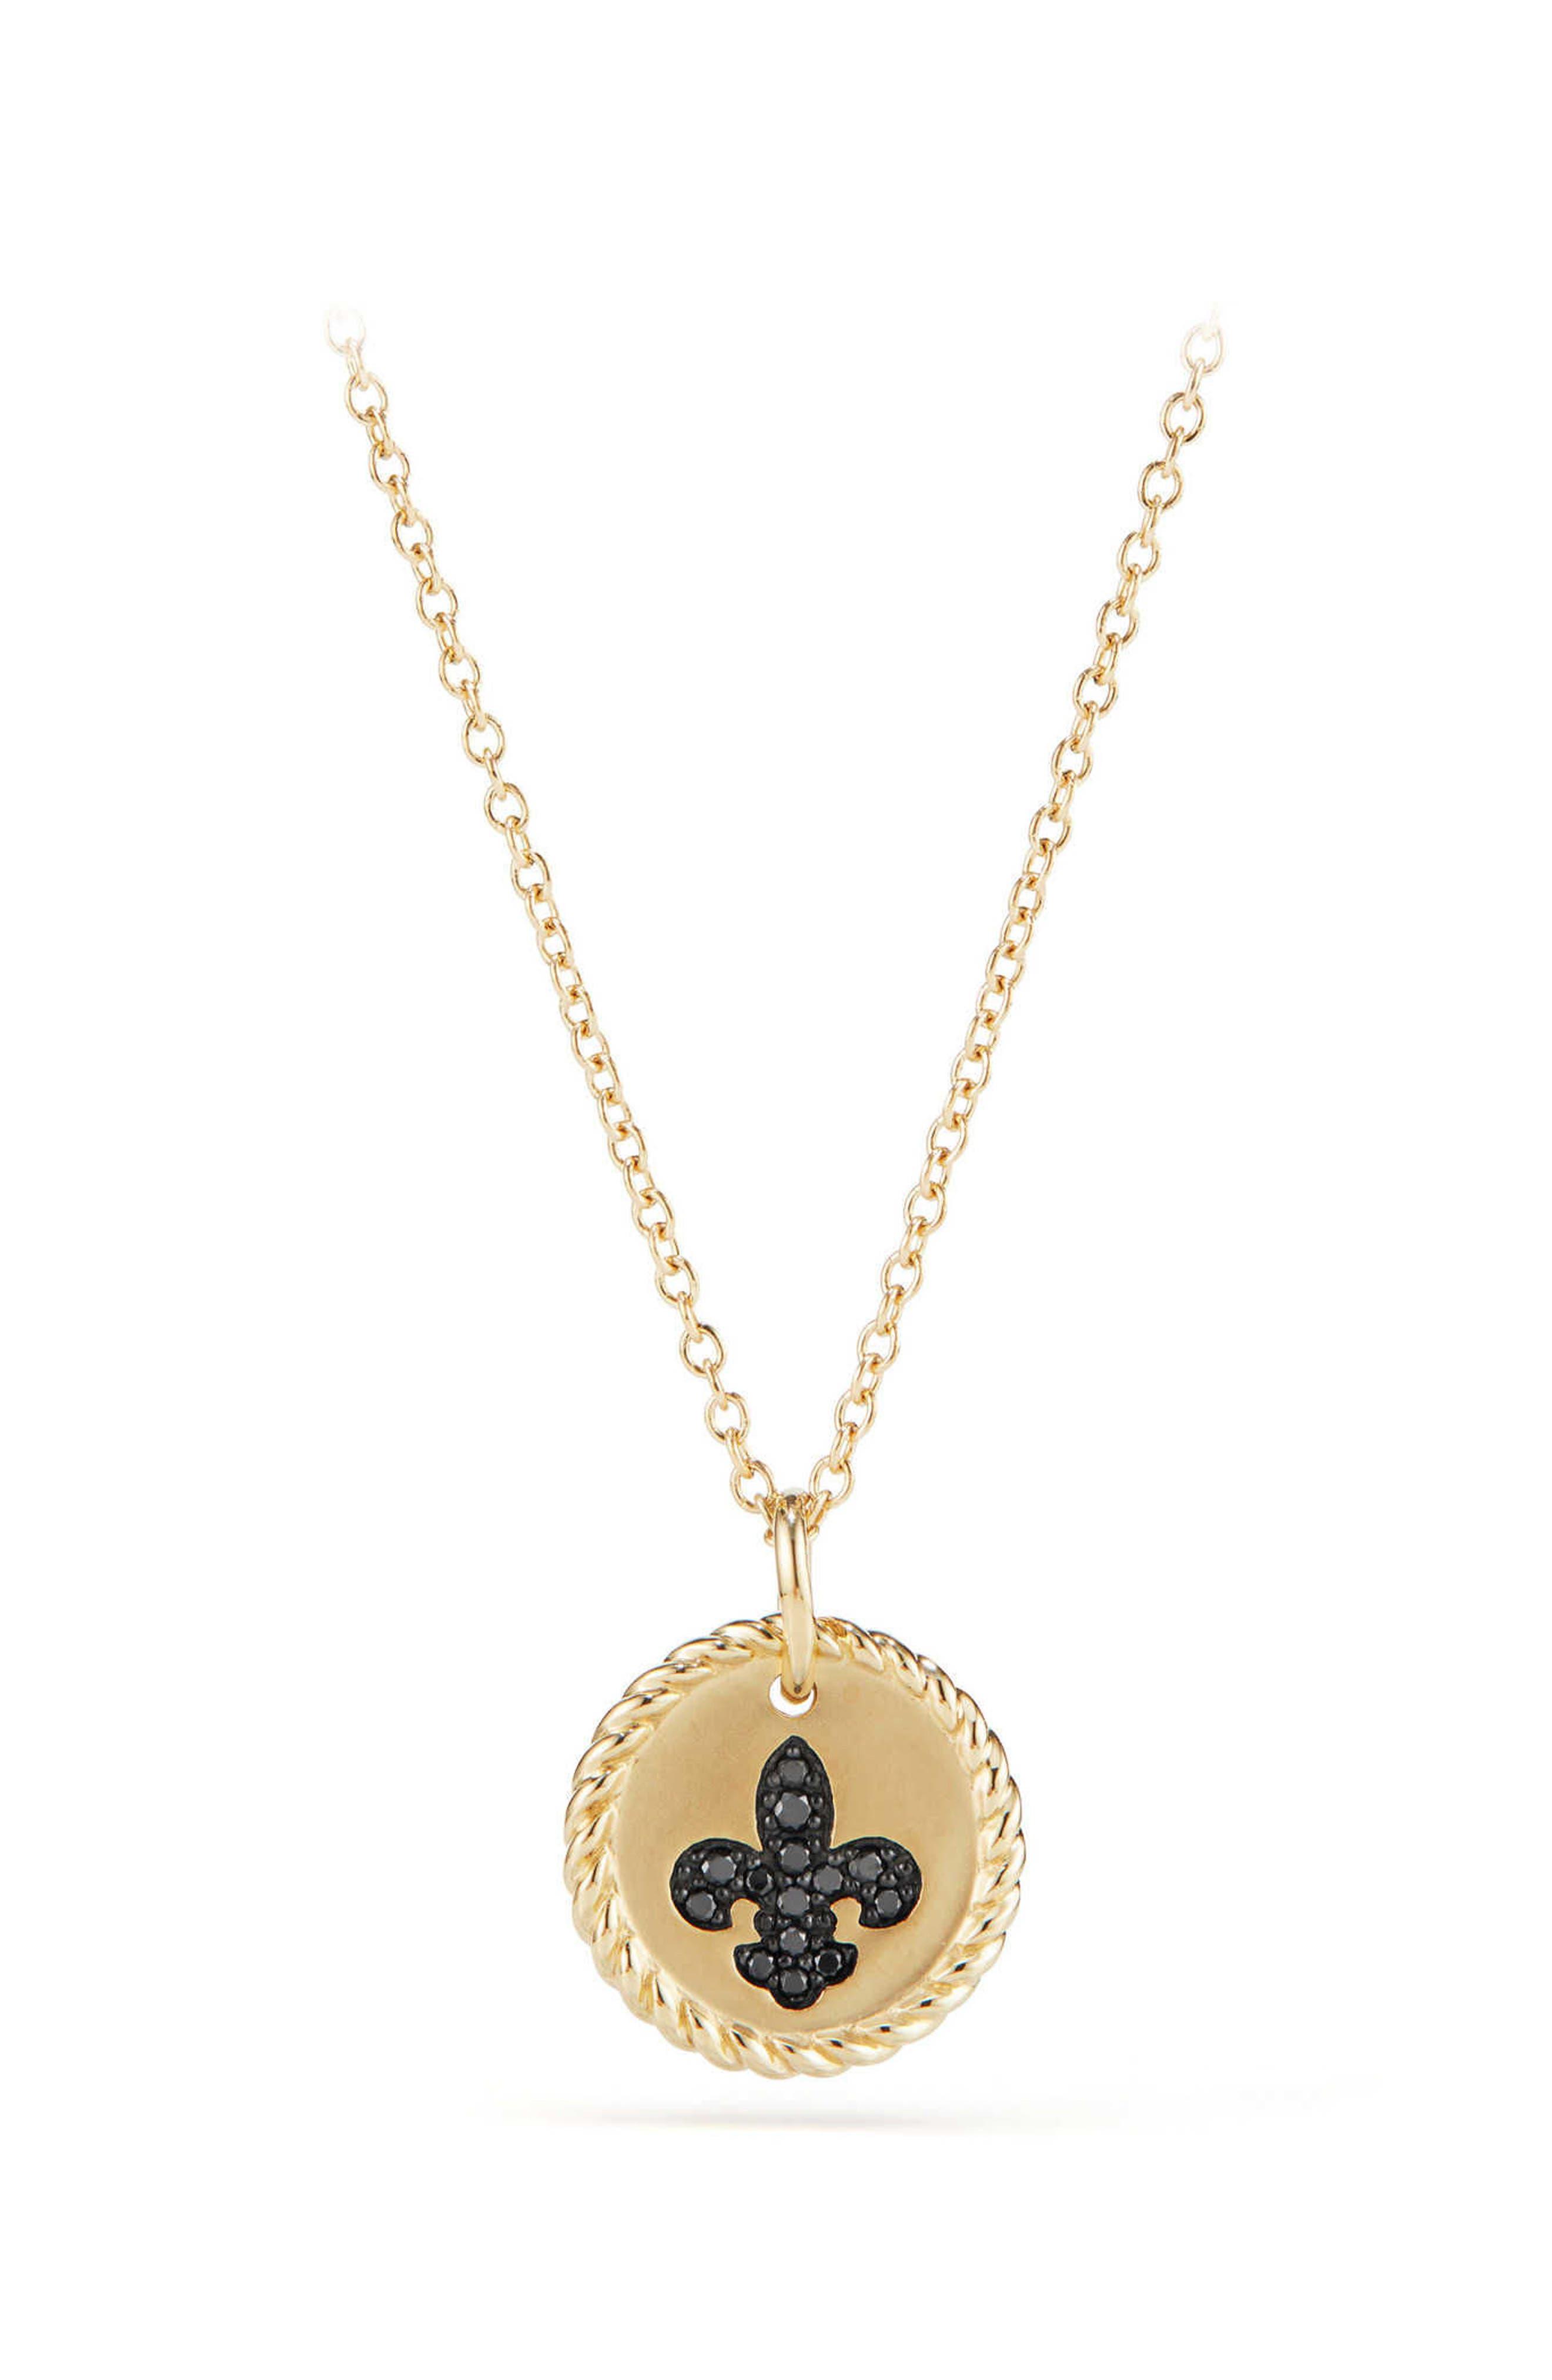 Cable Collectibles Fleur de Lis Necklace with Black Diamonds in 18K Gold,                             Main thumbnail 1, color,                             Gold/ Black Diamond